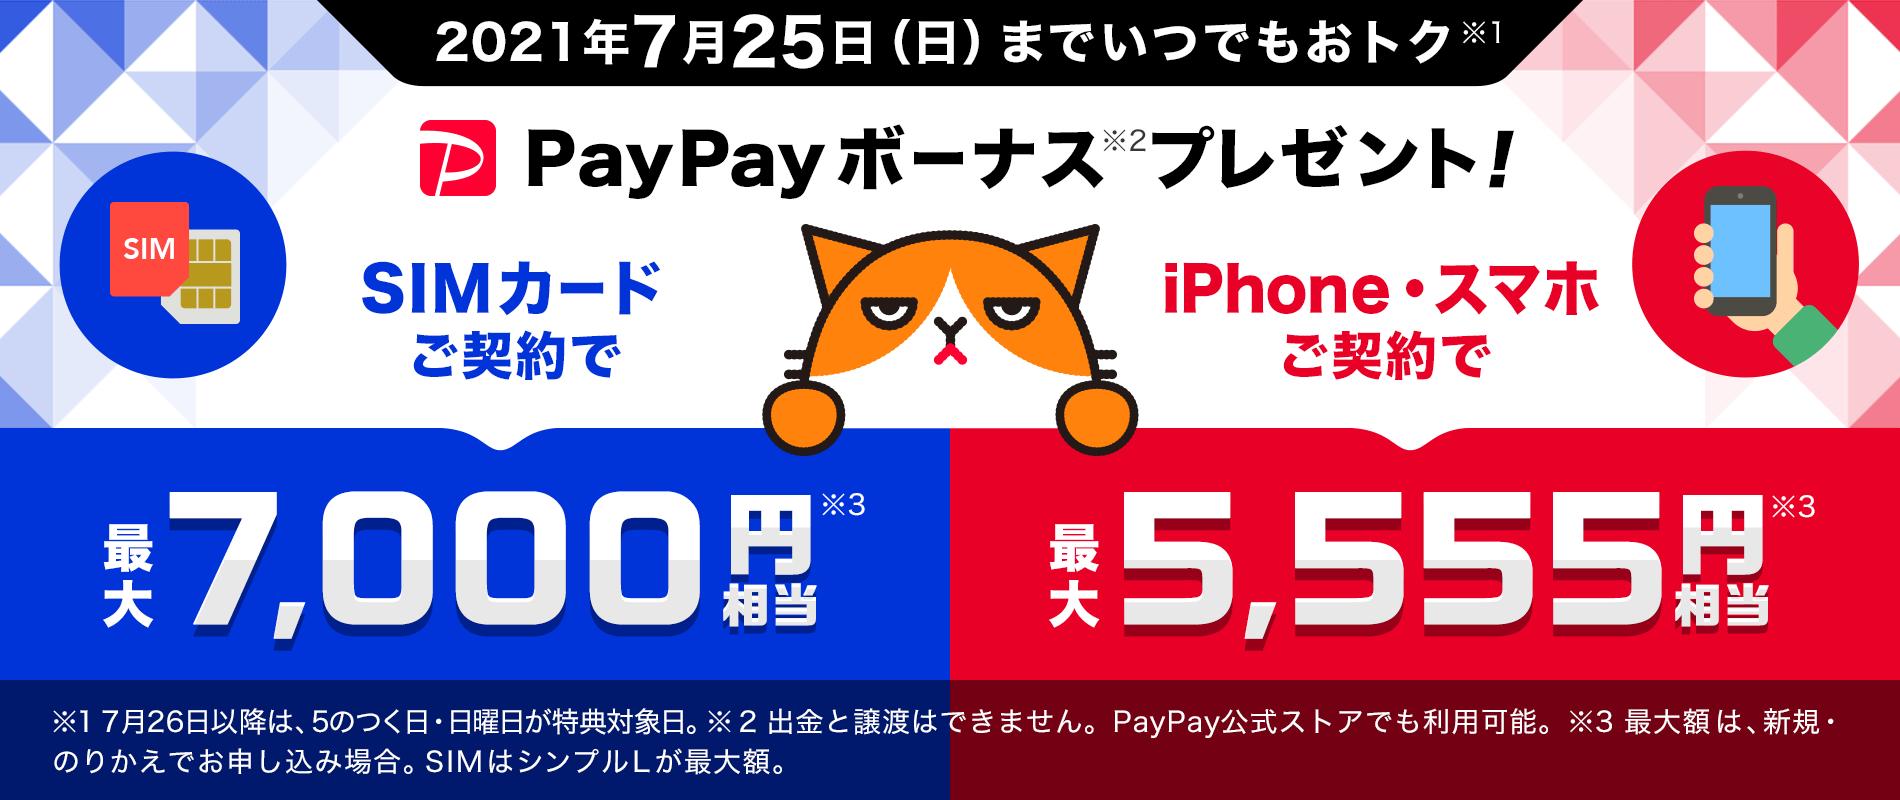 2021年7月25日(日)までいつでもおトク PayPayボーナス※1プレゼント! SIMカードご契約で 最大7,000円相当※2 iPhone・スマホご契約で 最大5,555円相当※2 ※1 出金と譲渡はできません。PayPay公式ストアでも利用可能。 ※2 最大額は新規・のりかえでお申し込みの場合。SIMはシンプルLが最大額。